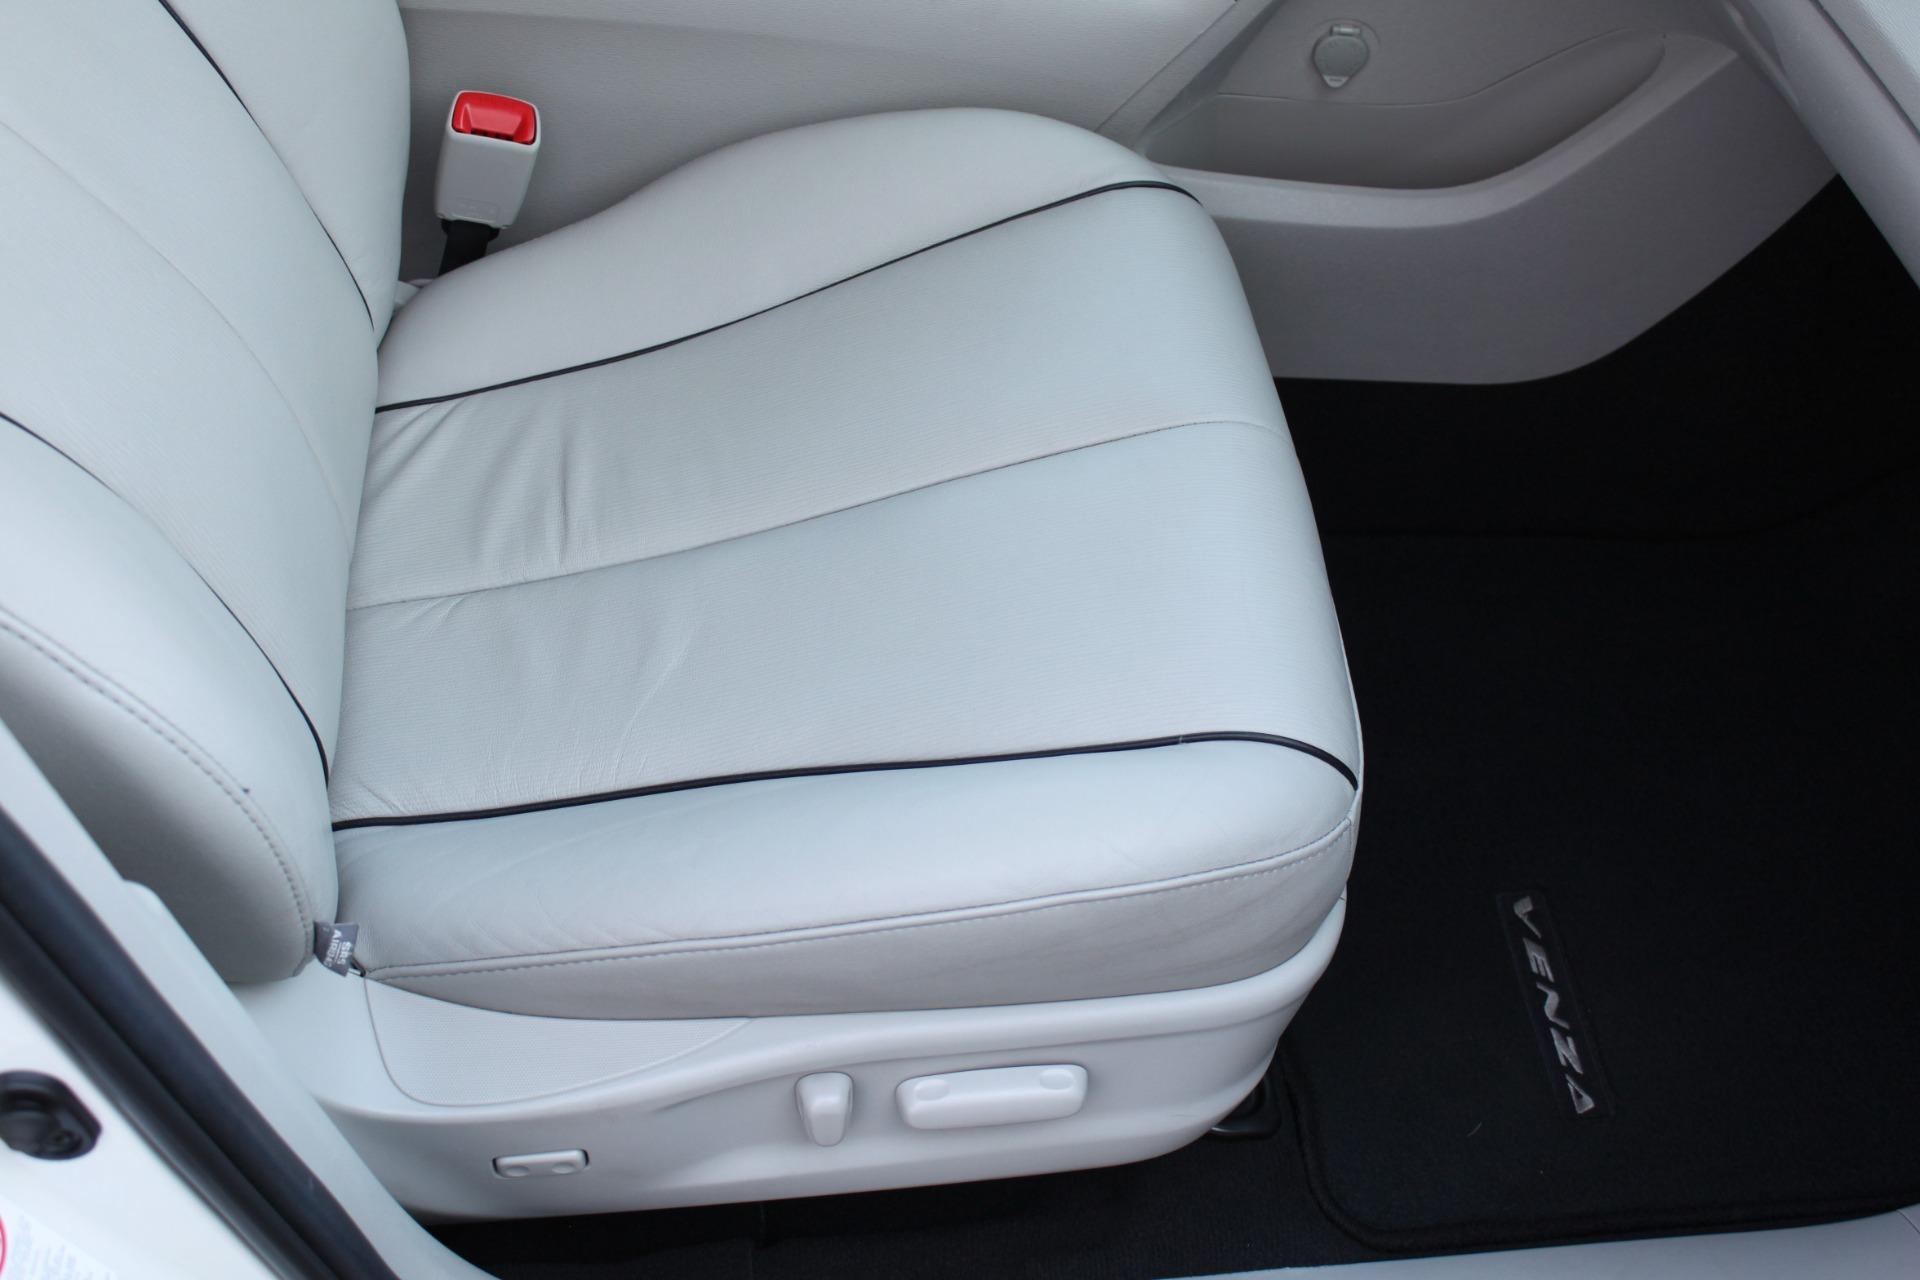 Used-2012-Toyota-Venza-XLE-Chrysler